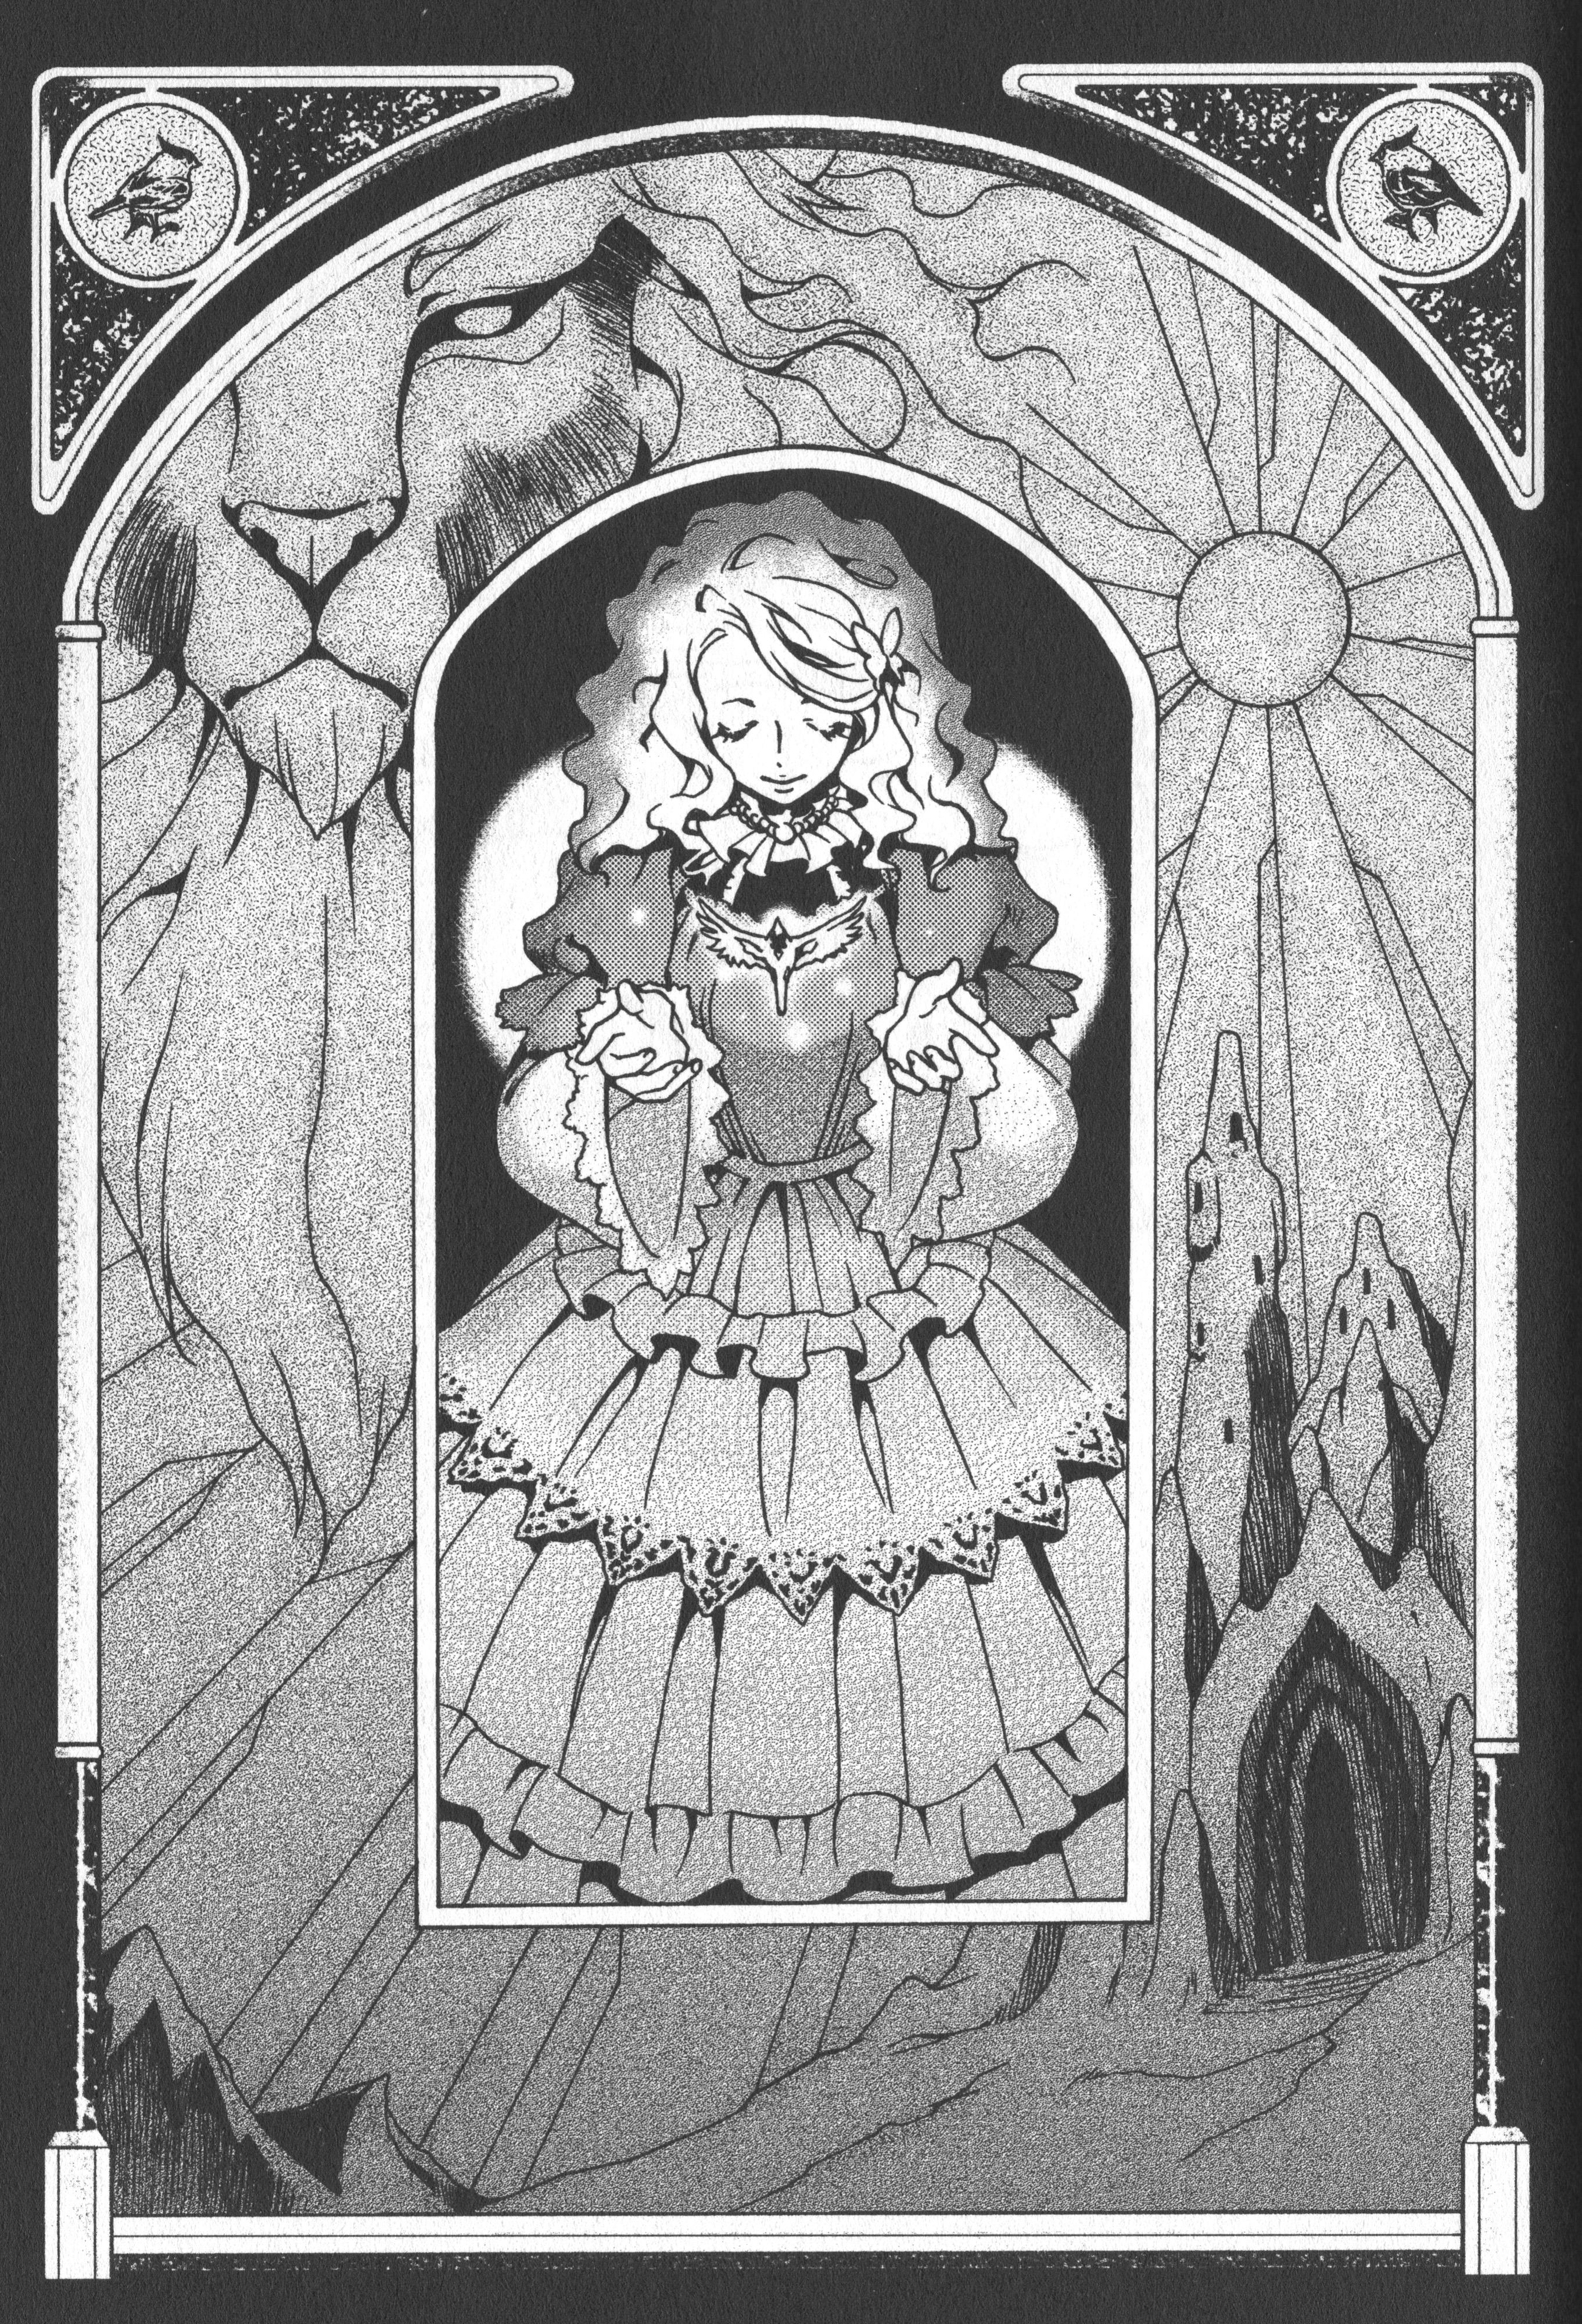 Grimms Manga - Ishiyama Keiko - Zerochan Anime Image Board